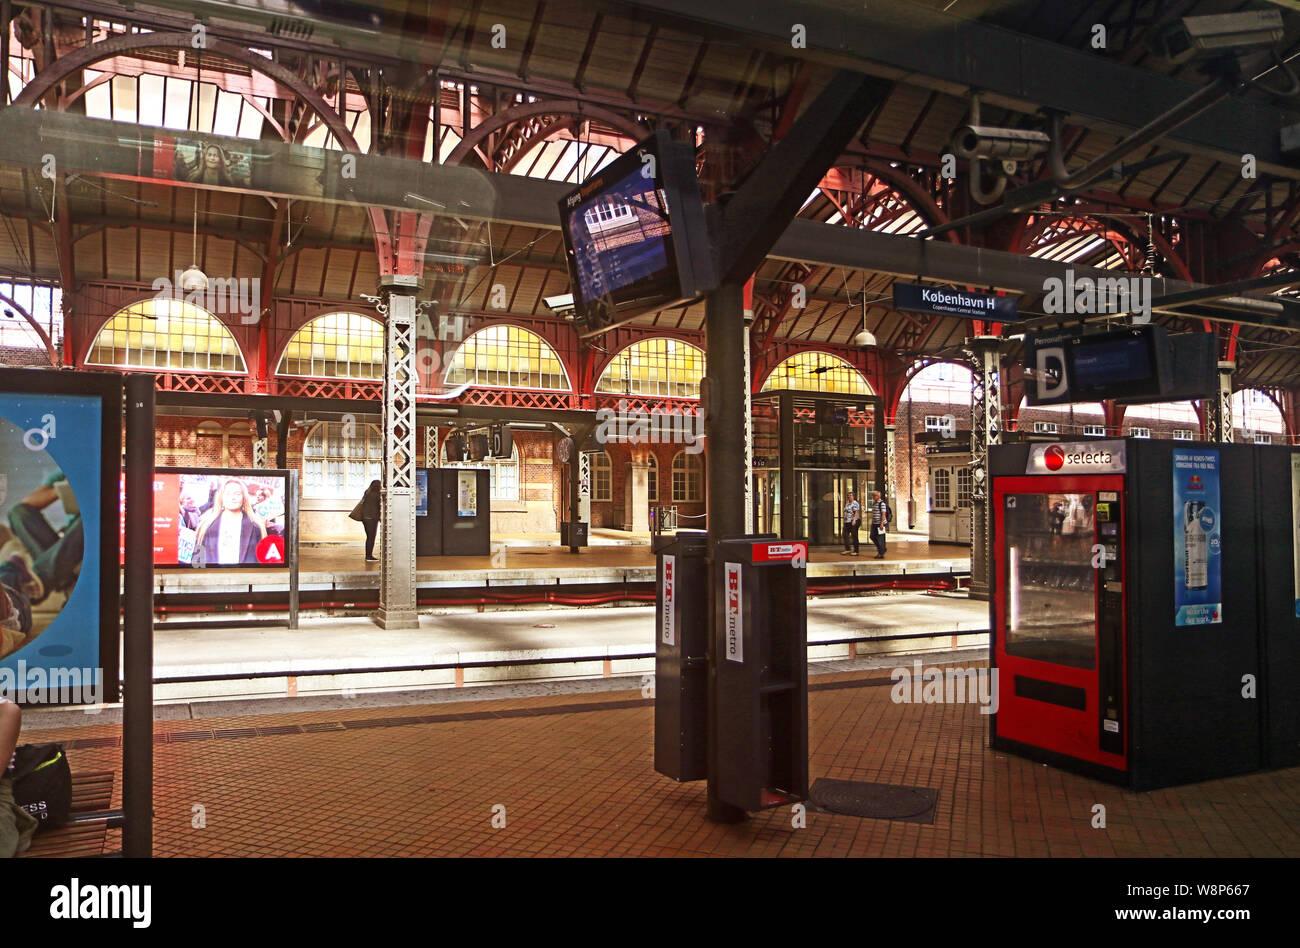 Copenhague, Danemark - 16 juin 2019 la gare centrale de Copenhague, les quais de gare couverts par le chemin de fer toit voûté typique construit en 1911 par Heinrich W Banque D'Images